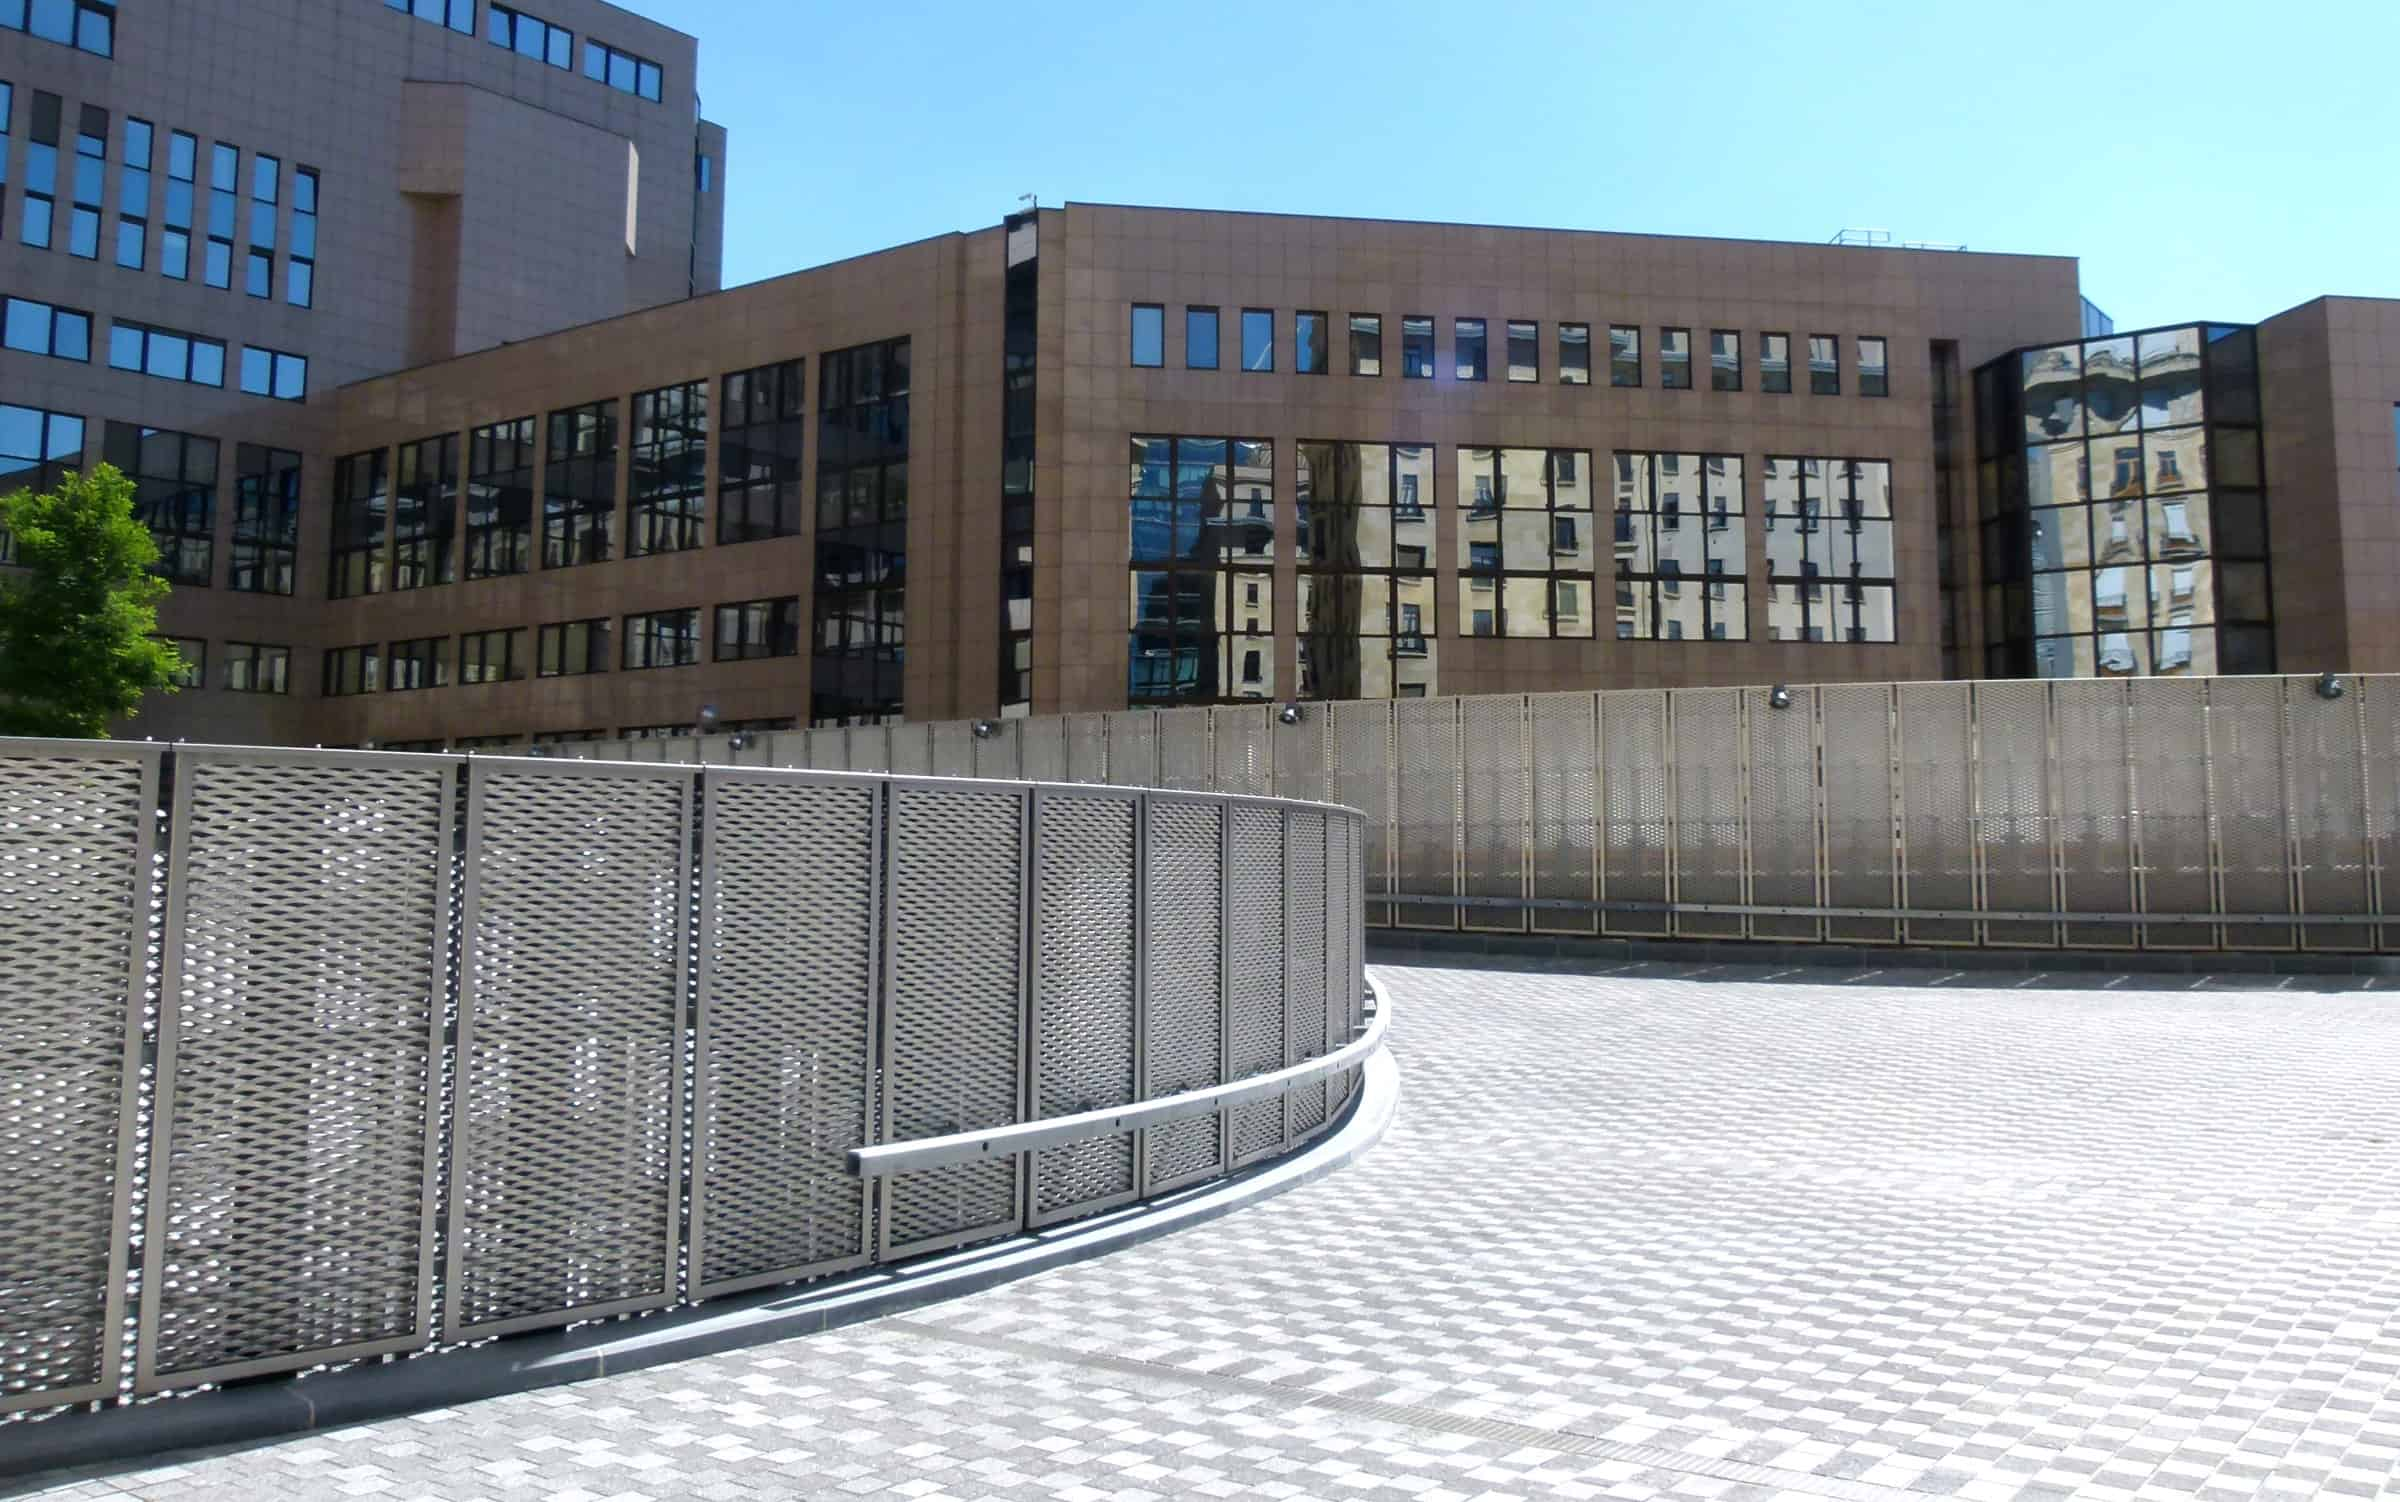 Terreinafscheiding van rvs strekmetaal van het Residence Palace in Brussel te België